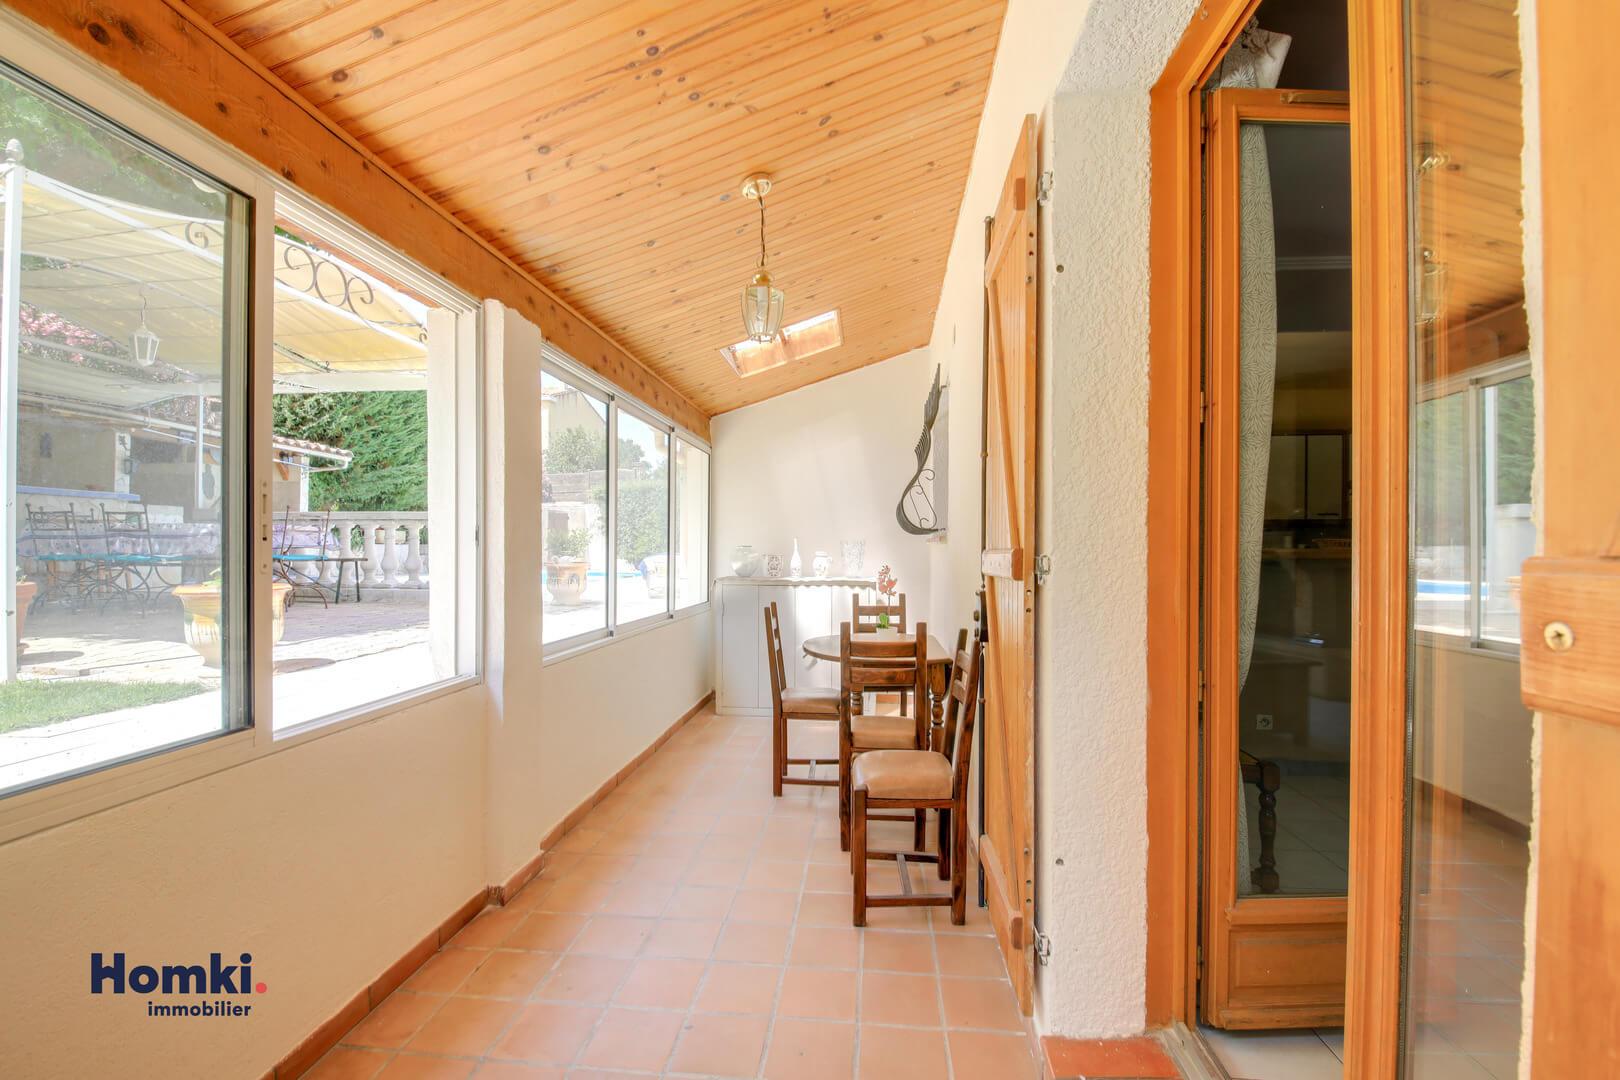 Vente maison villa Marseille Olives 13014 T6_11